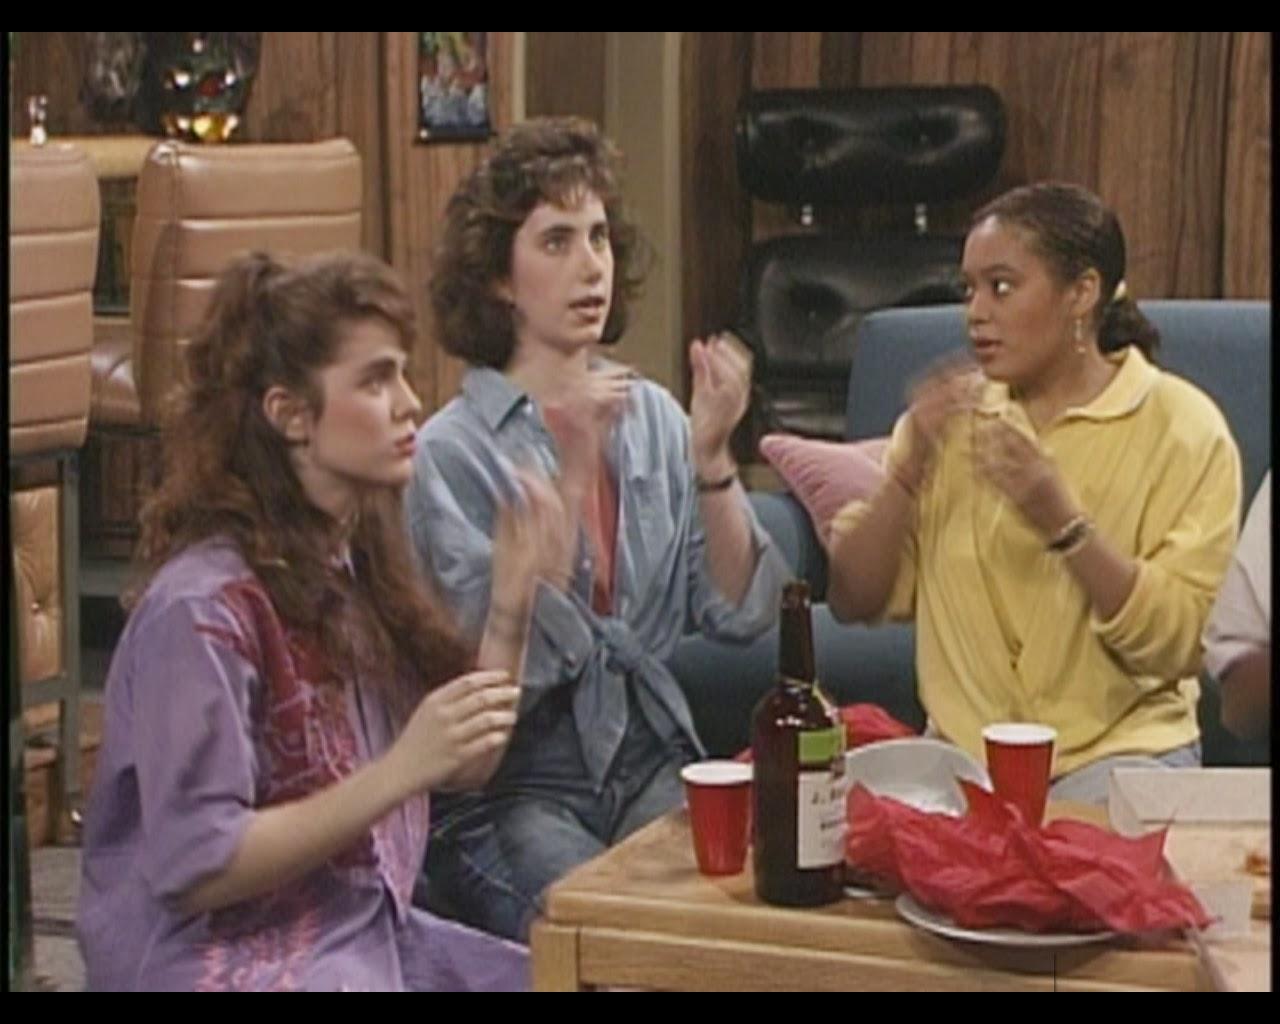 Eliza Coupe,Eleanor James XXX pics Marguerite De La Motte,Natalie Morales (actress)